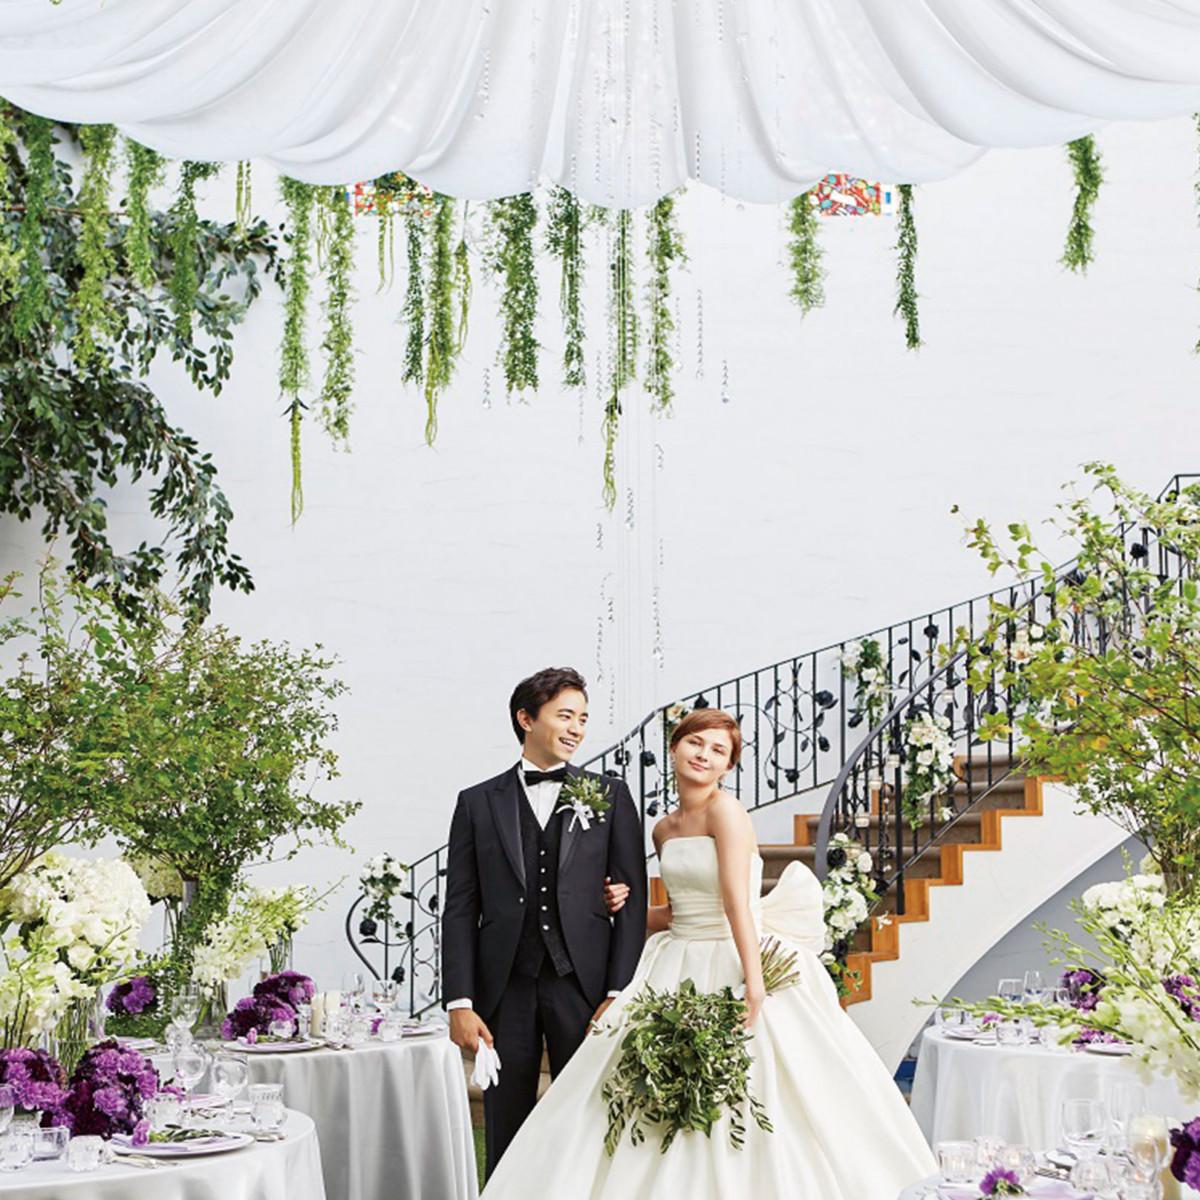 【1時間!結婚式場短時間クイックフェア】試食・結婚式場見学・結婚式見積り比較のみOK